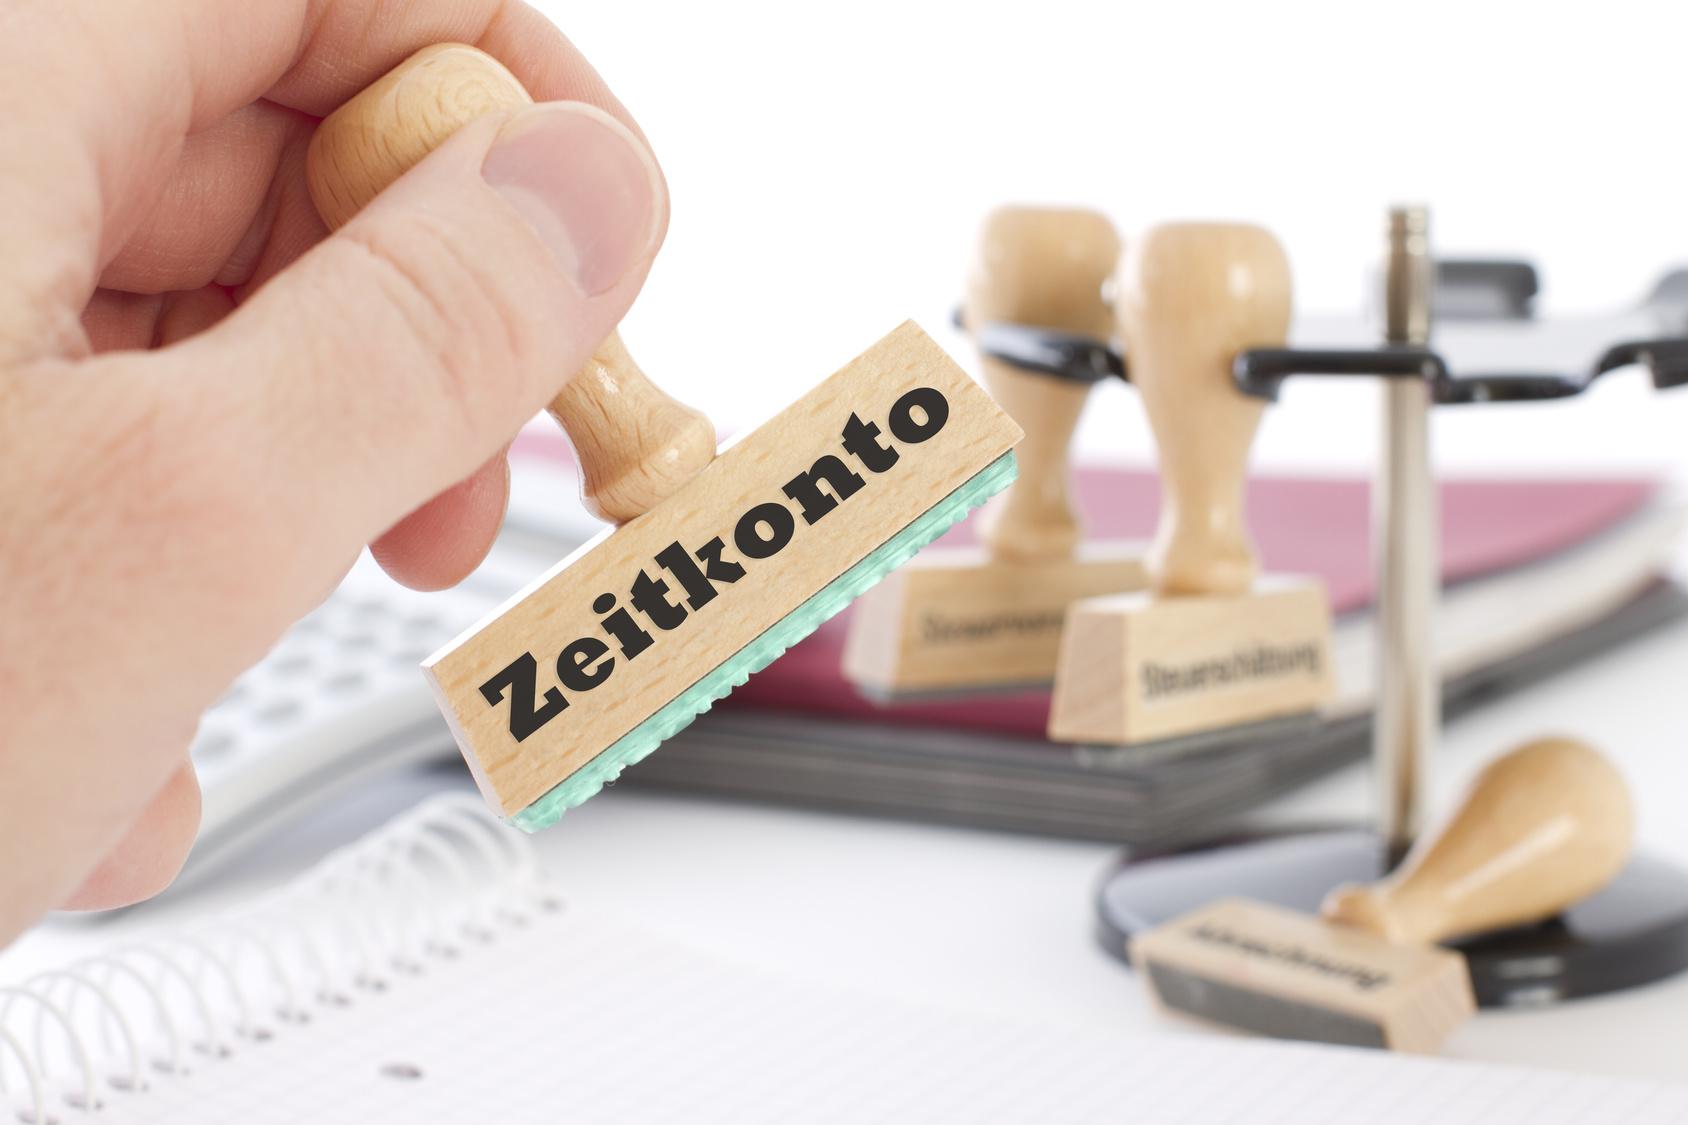 ©Finanzfoto-stock.adobe.com